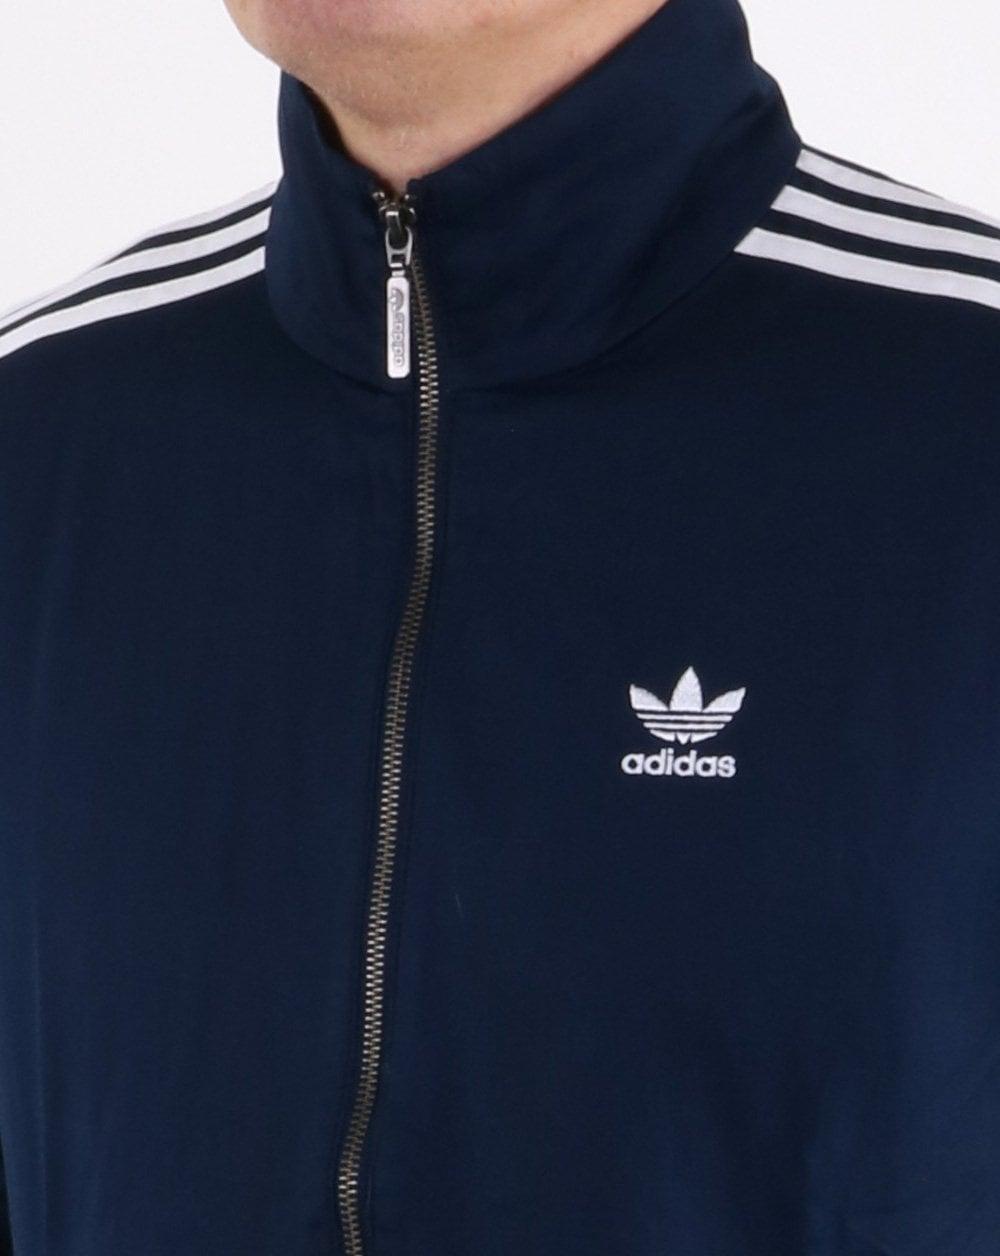 vendita usa online rivenditore all'ingrosso enorme sconto Adidas Originals Beckenbauer Track Top Navy | 80s casual classics